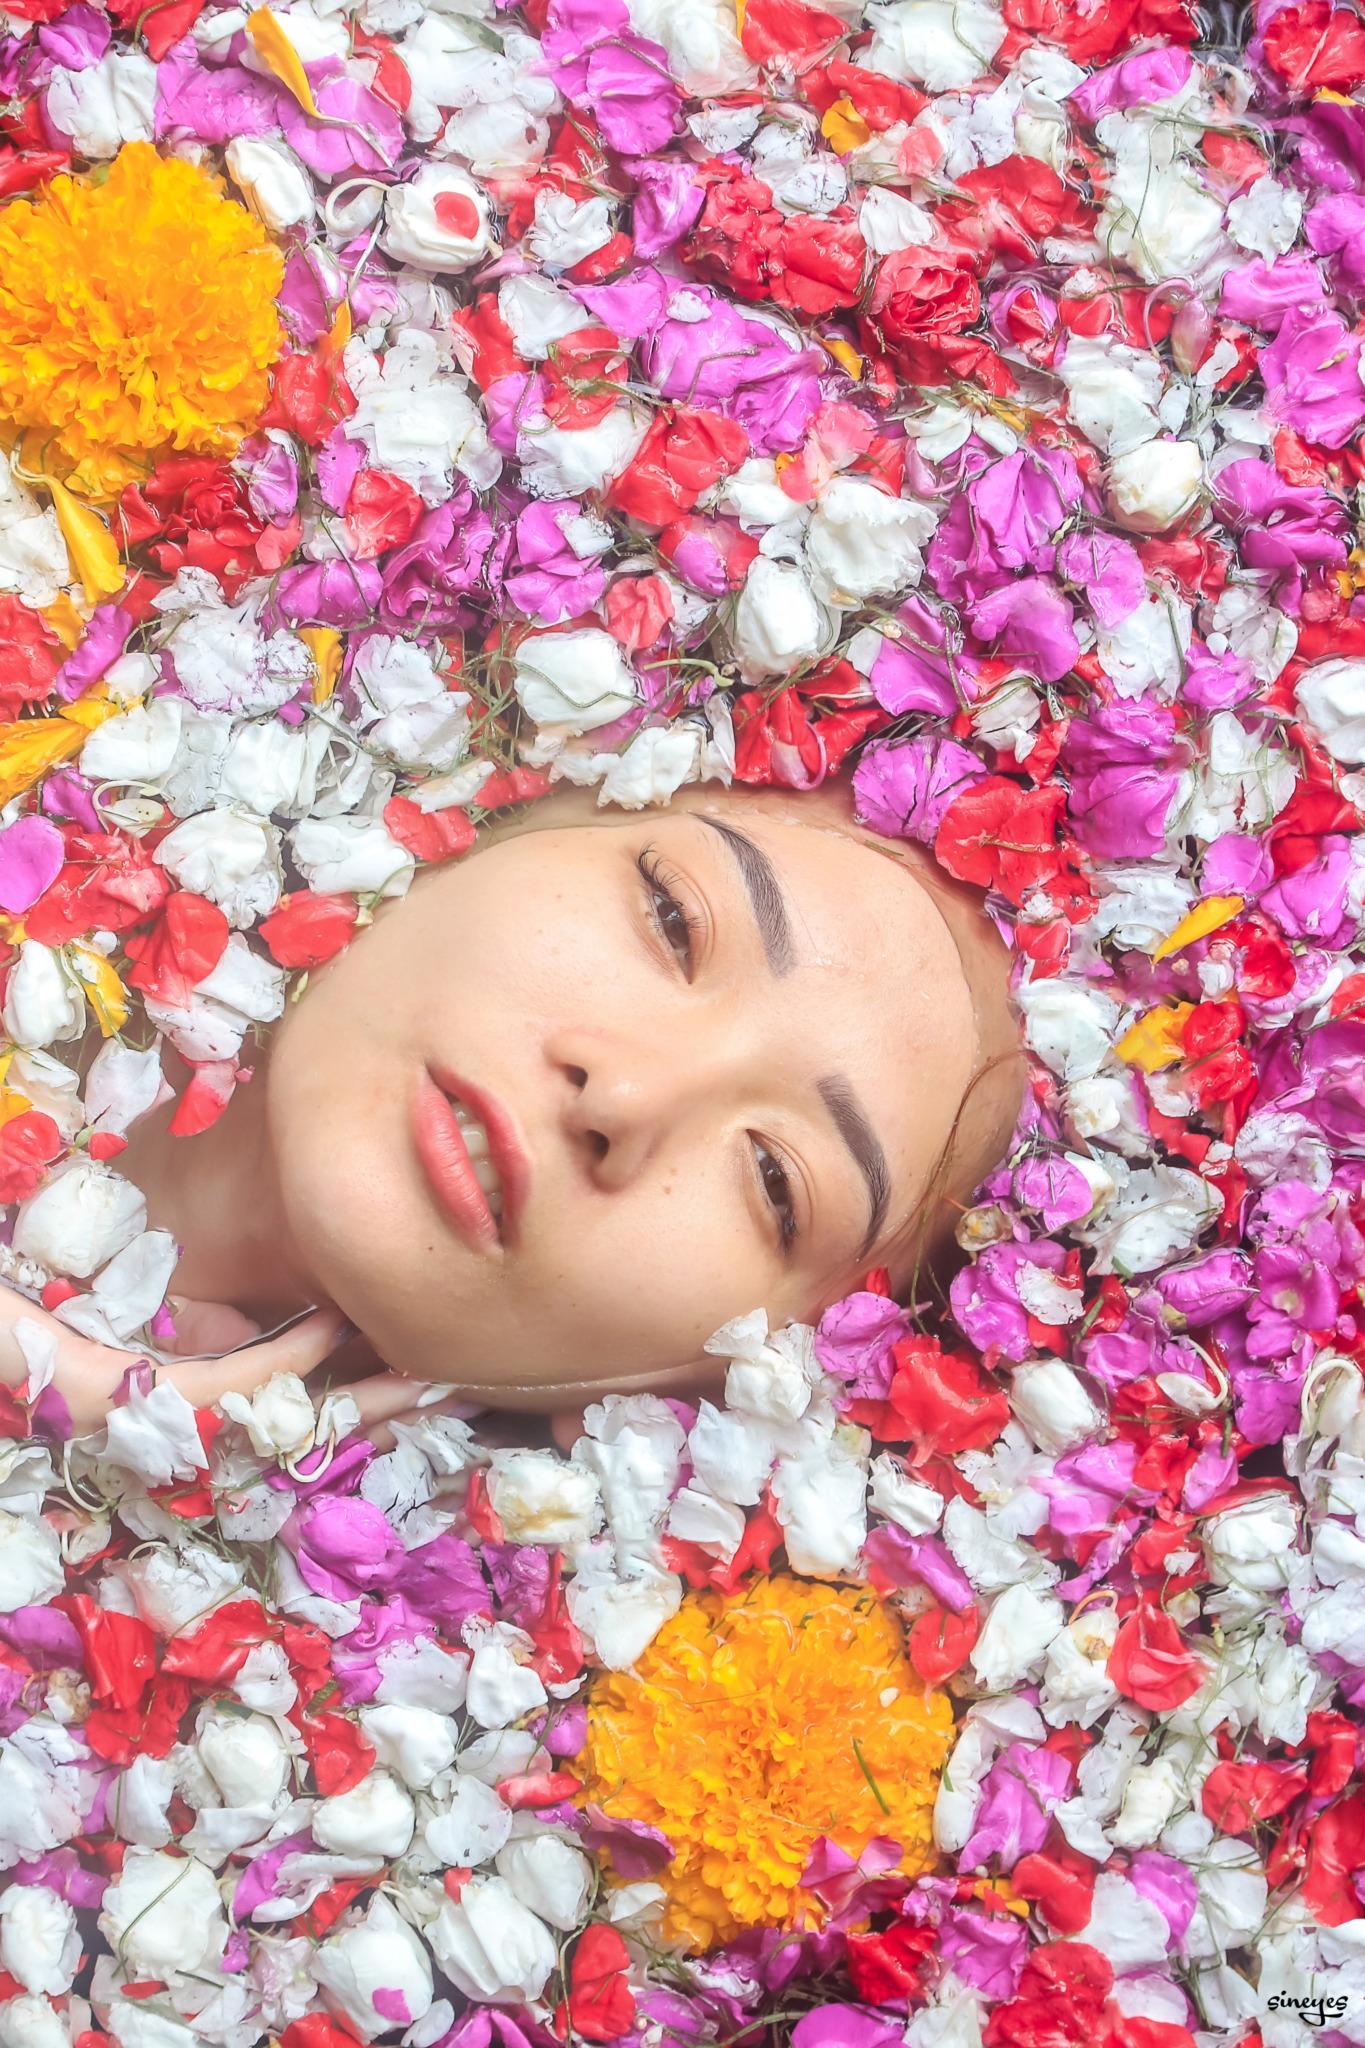 Flowers by sineyes